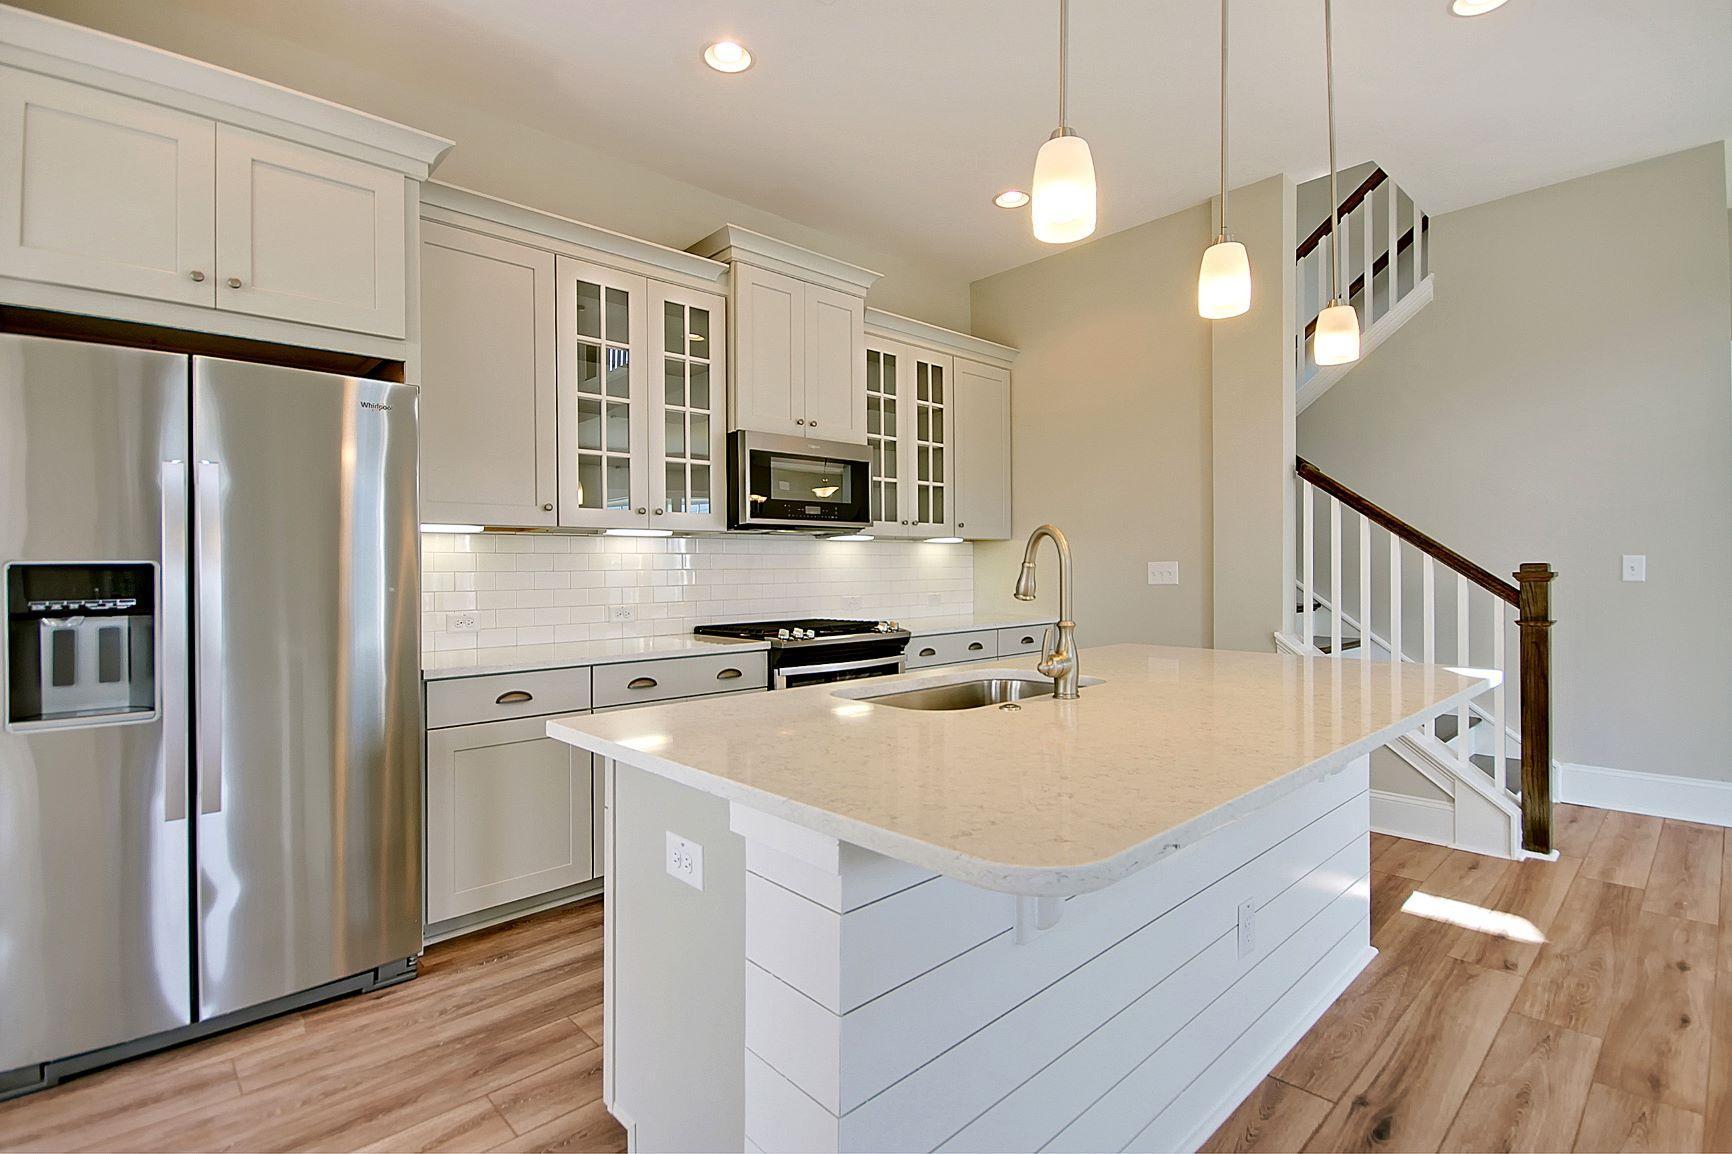 Kings Flats Homes For Sale - 121 Alder, Charleston, SC - 3